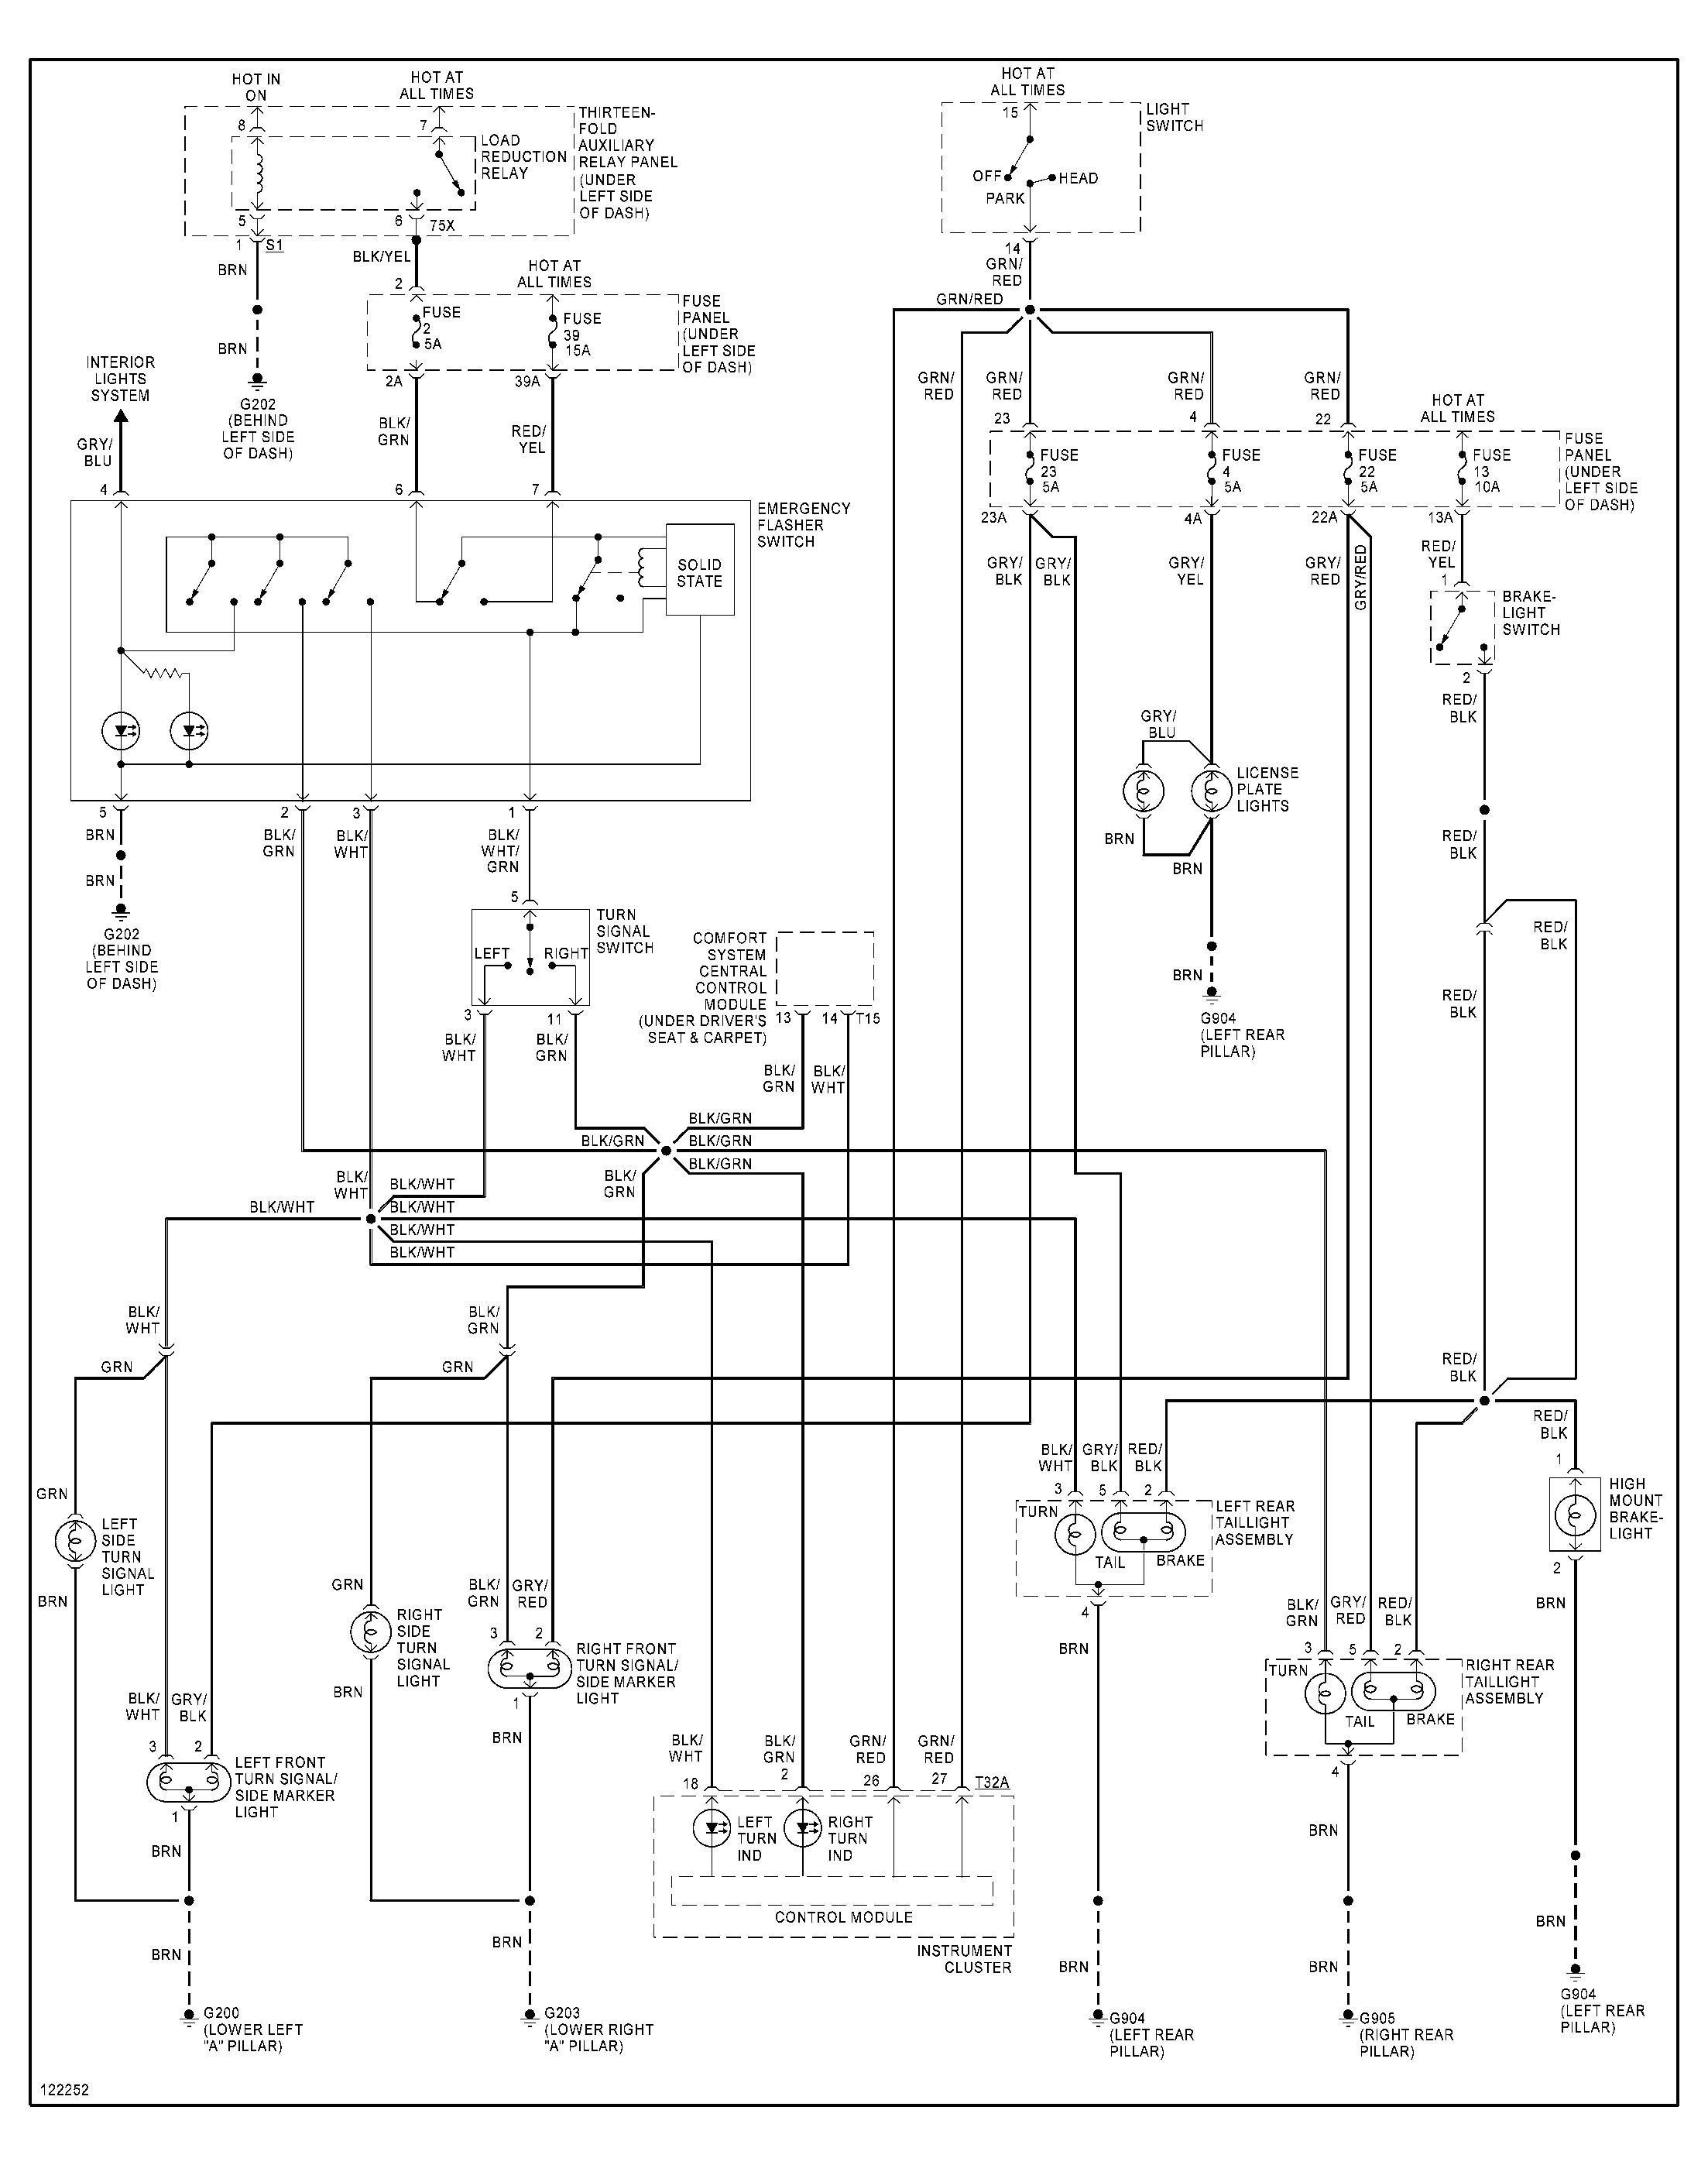 1989 volkswagen cabriolet wiring diagram wiring diagram blog 1989 vw cabriolet wiring diagram radio